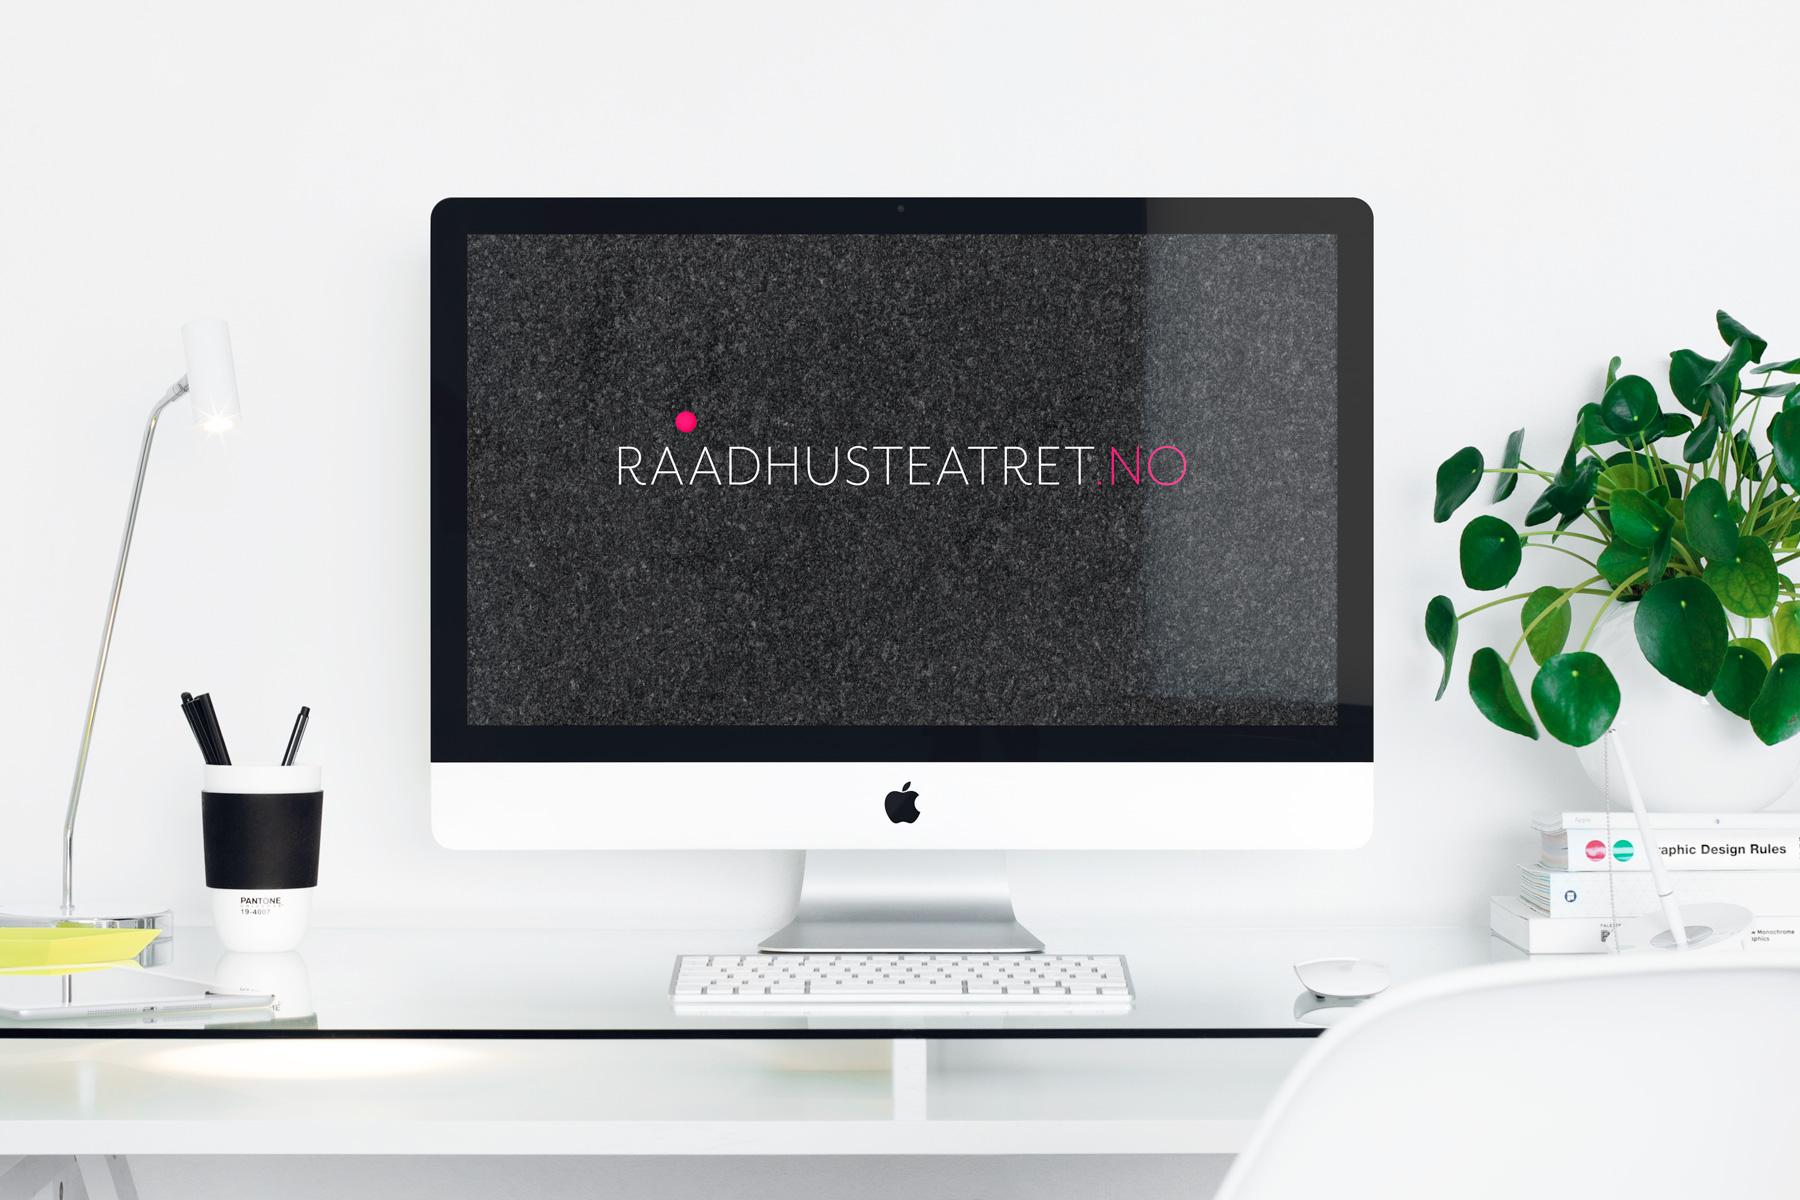 Raadhusteatret_nettside_front